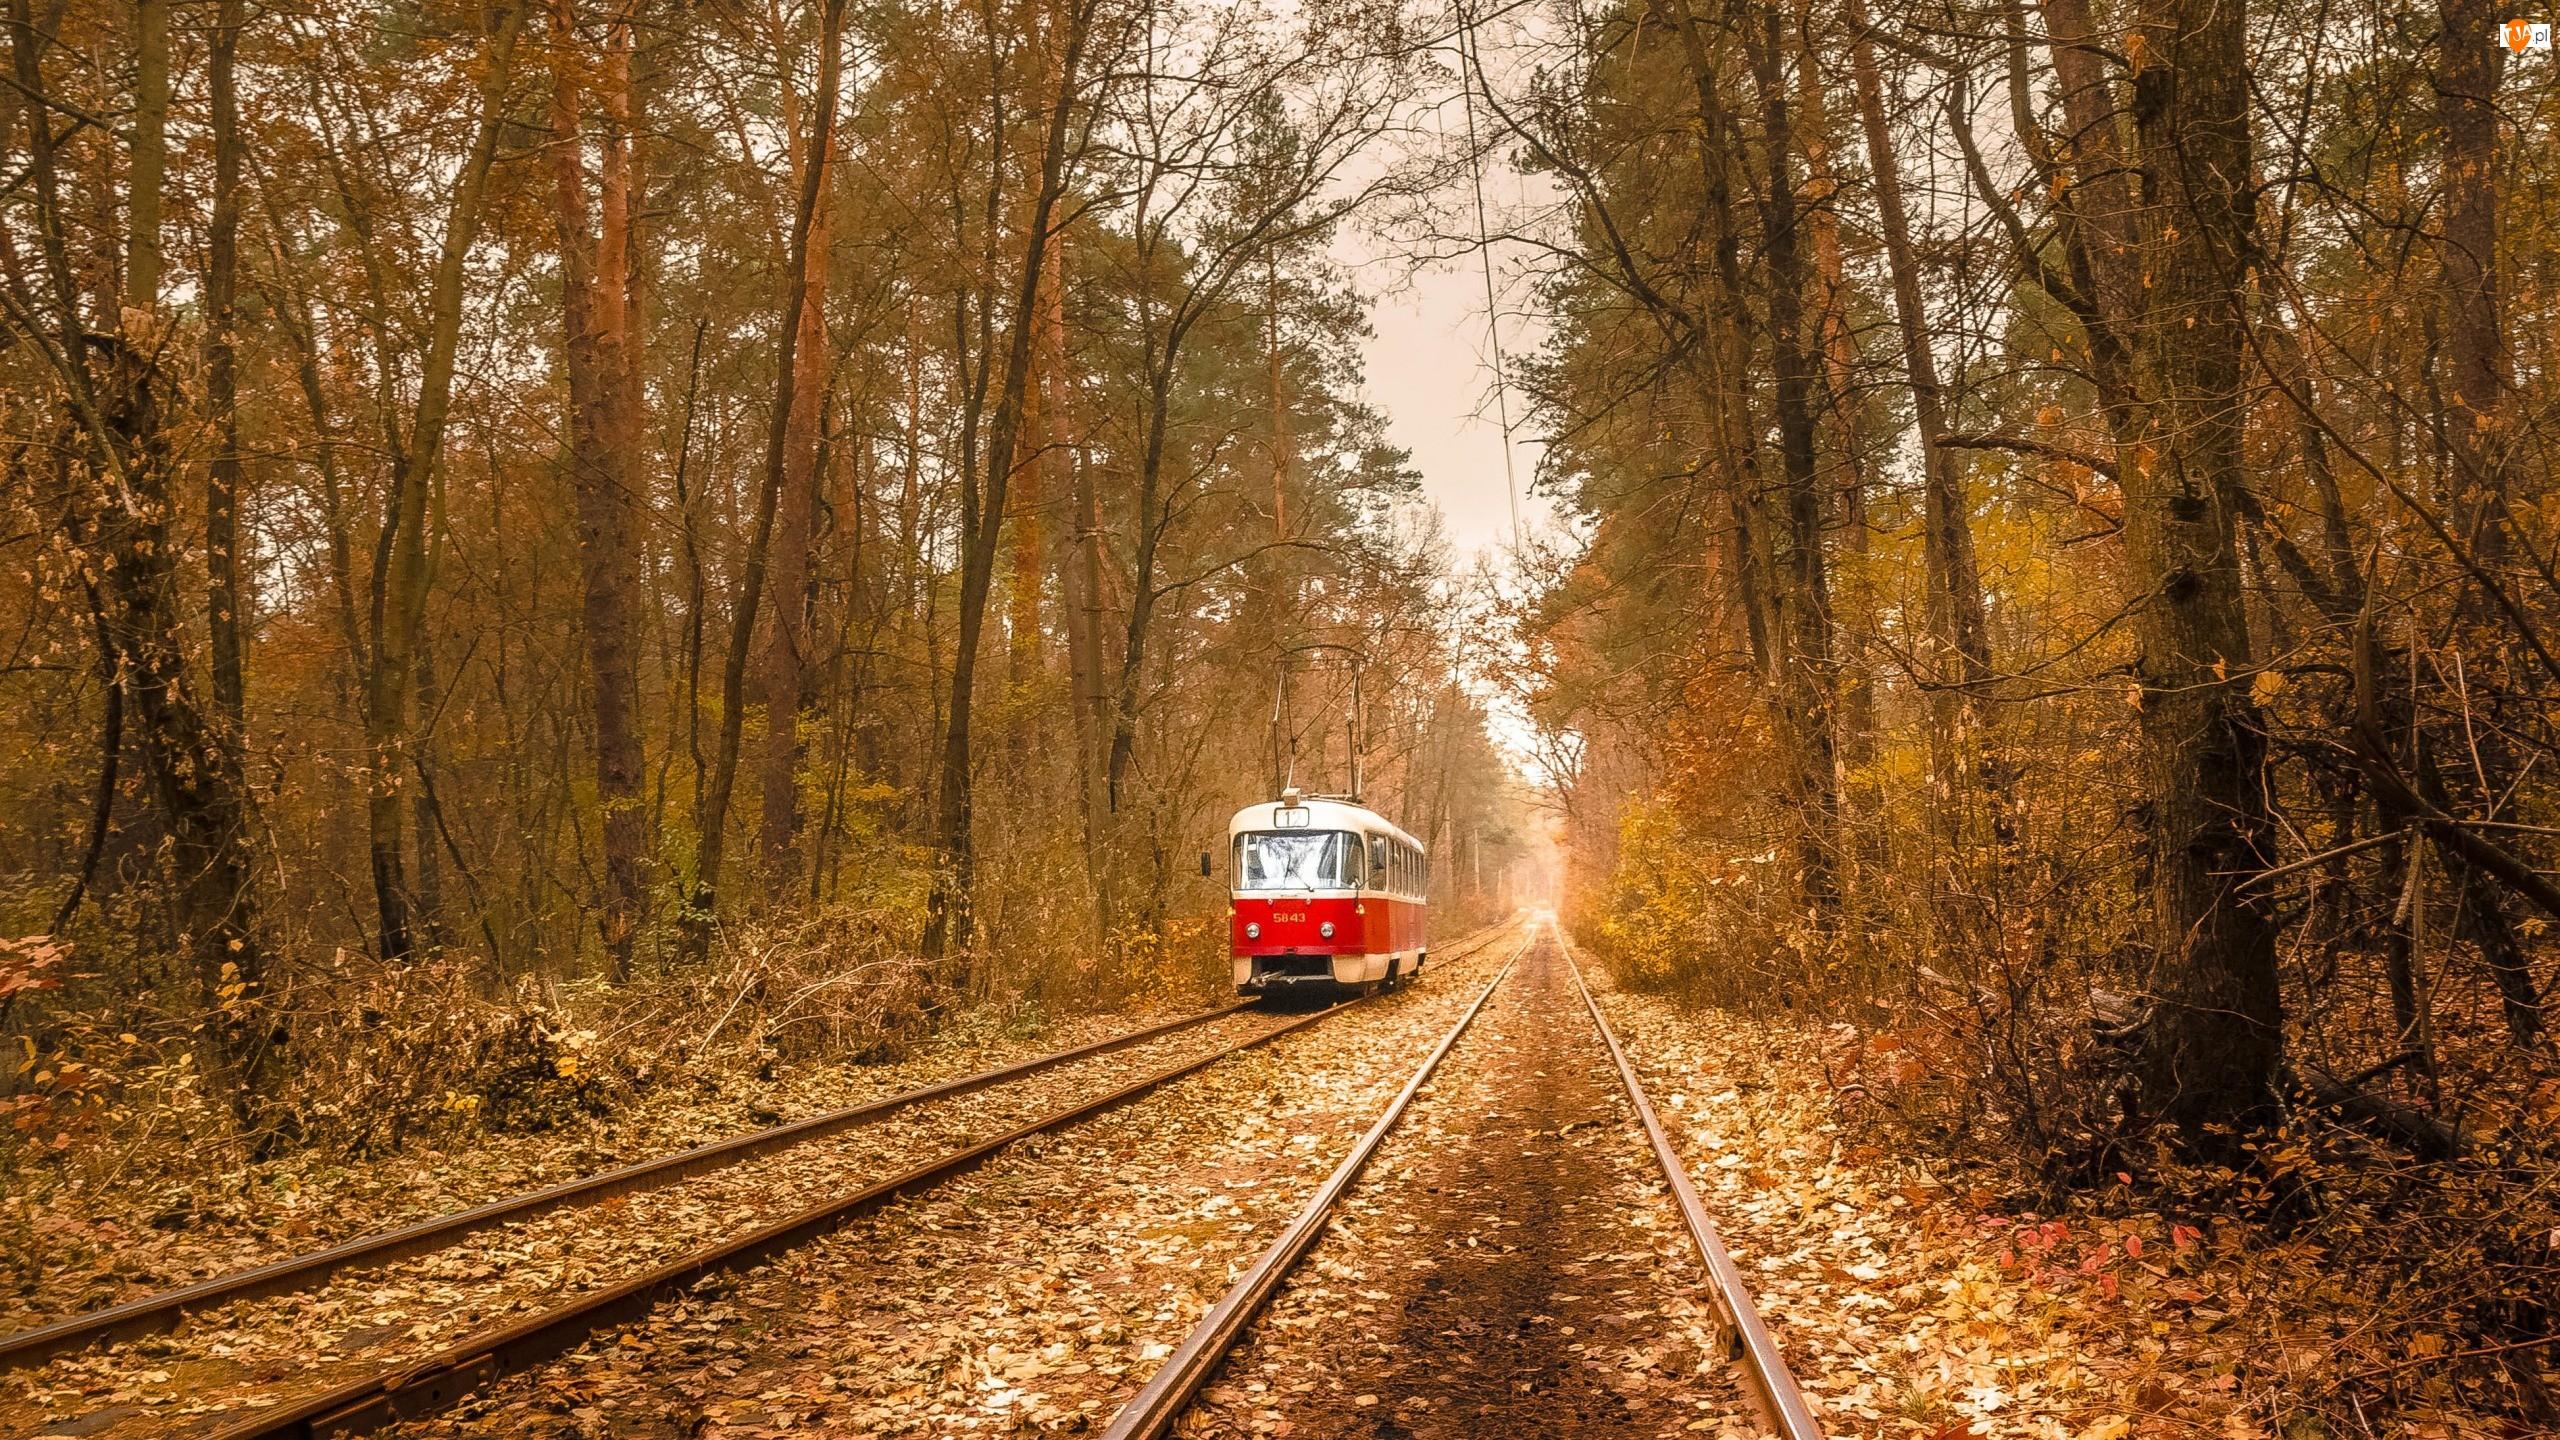 Jesień, Drzewa, Kijów, Tramwaj, Ukraina, Tory, Puszcza-Wodycia, Las